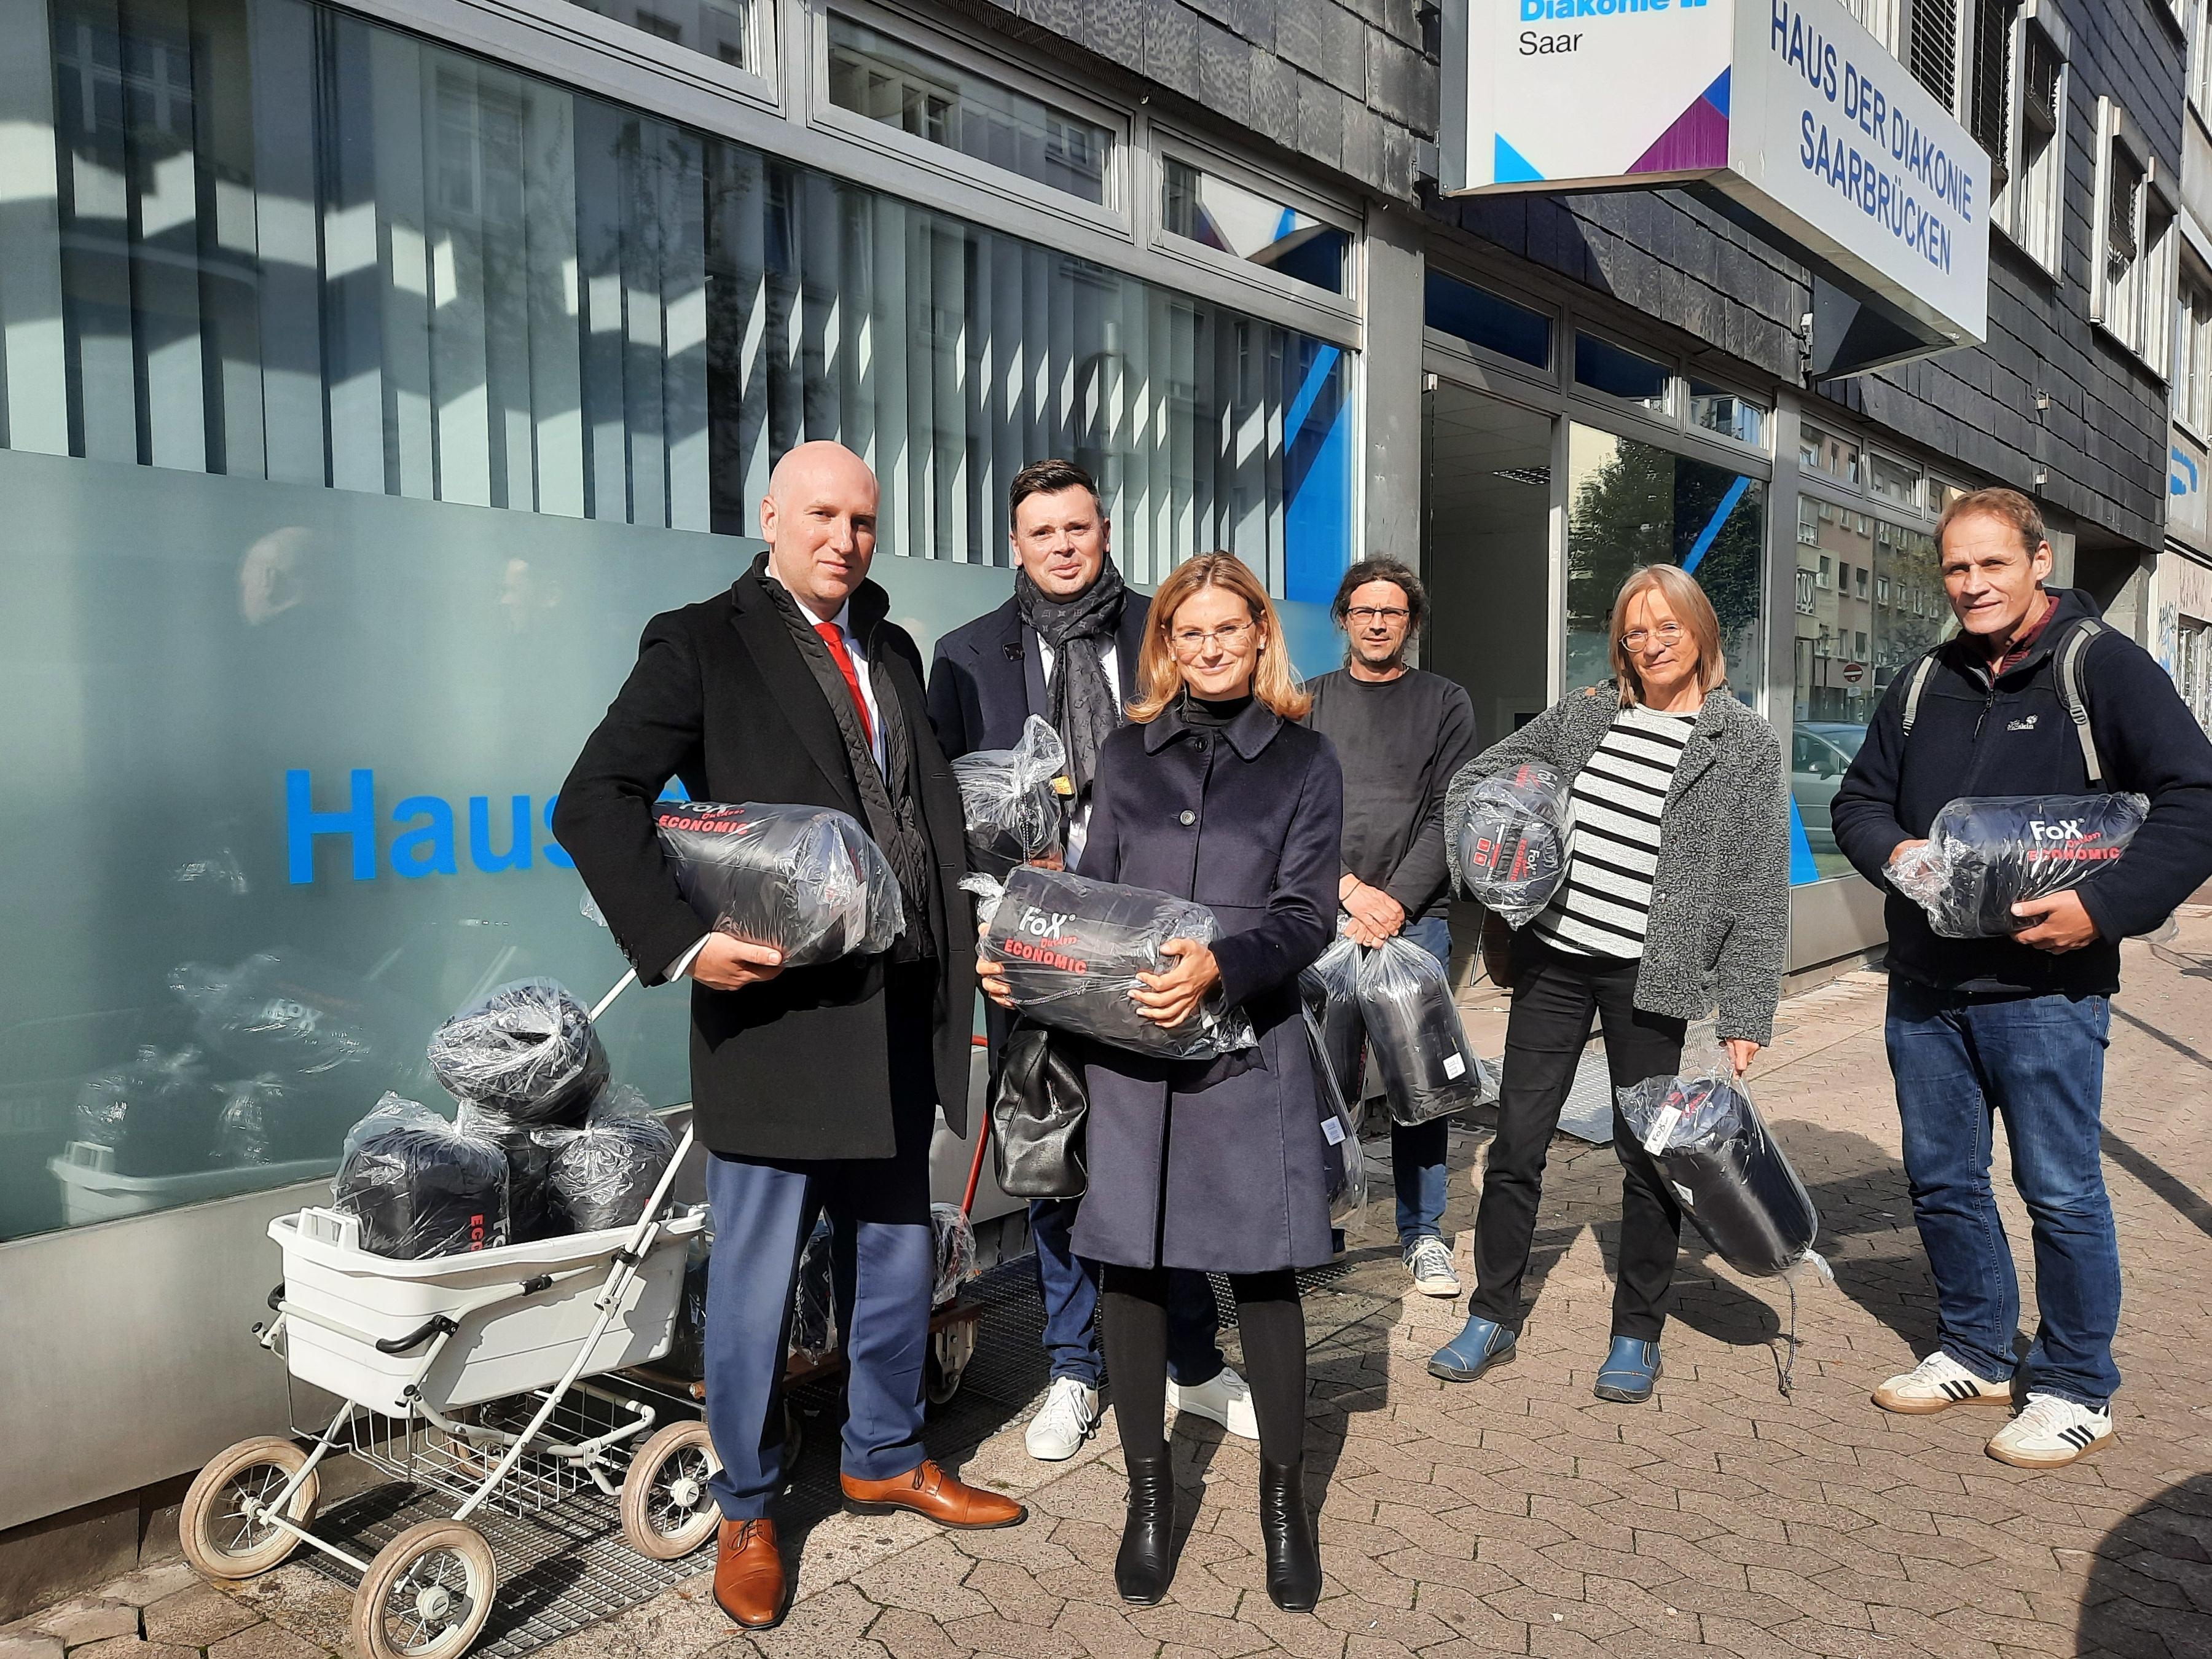 Schlafsäcke für die Wohnungslosenarbeit Saarbrücken. V.l.n.r: Birk Borkhard (ASMC), Thomas Martin (BTN Solutions), Natascha Borkhard (ASMC), Thomas Braun, Sigrun Krack und Matthias Wietschorke (alle D